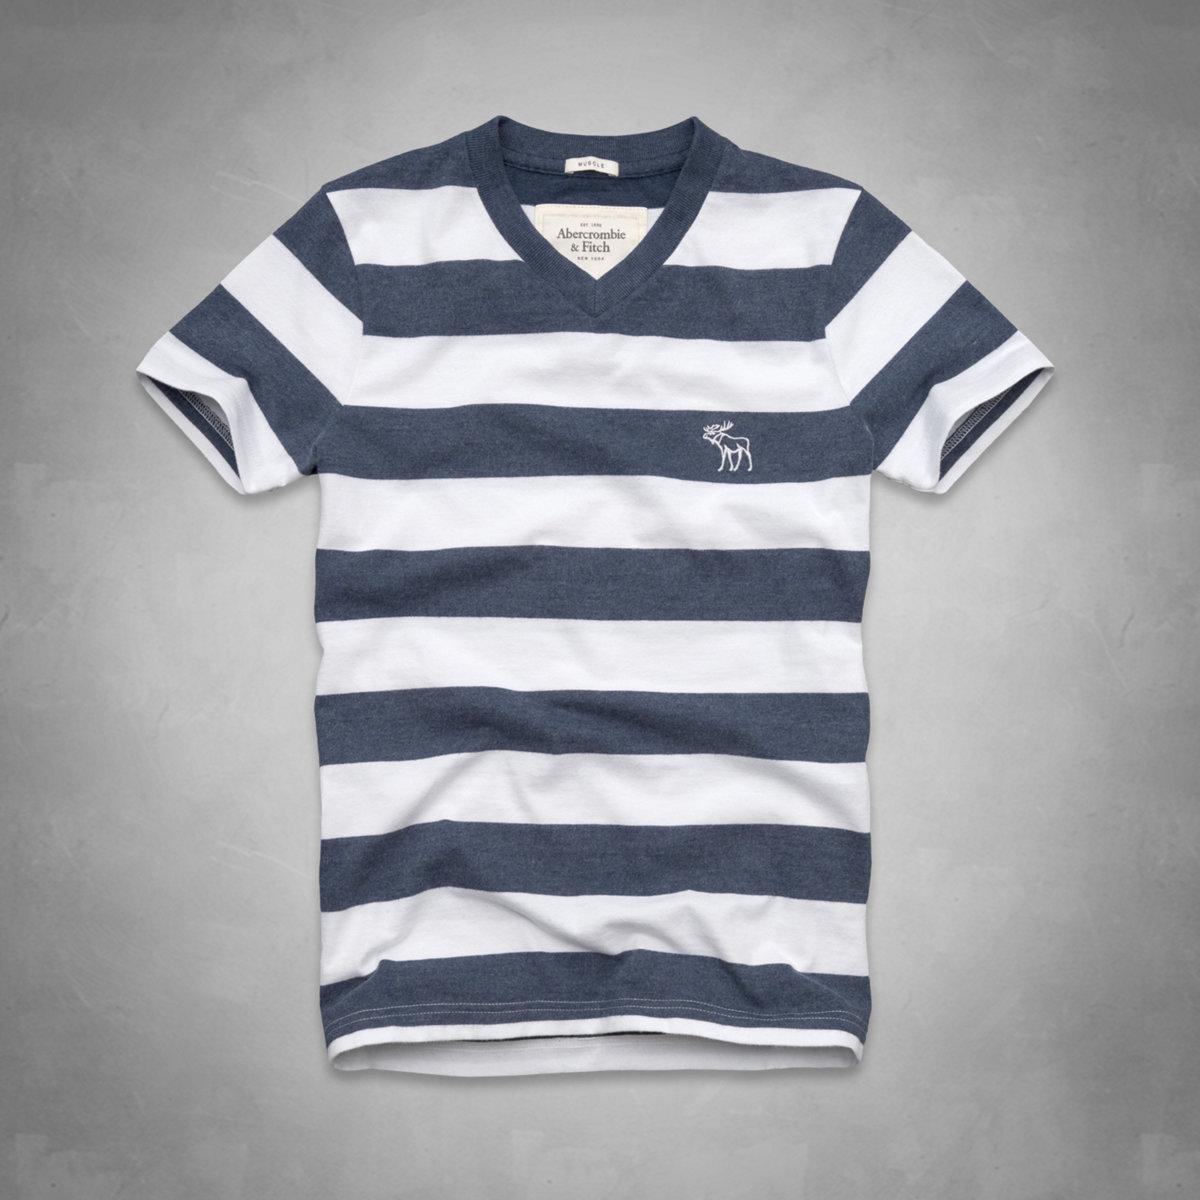 美國百分百【Abercrombie & Fitch】T恤 AF 短袖 T-shirt 麋鹿 條紋 V領 藍 白 E747